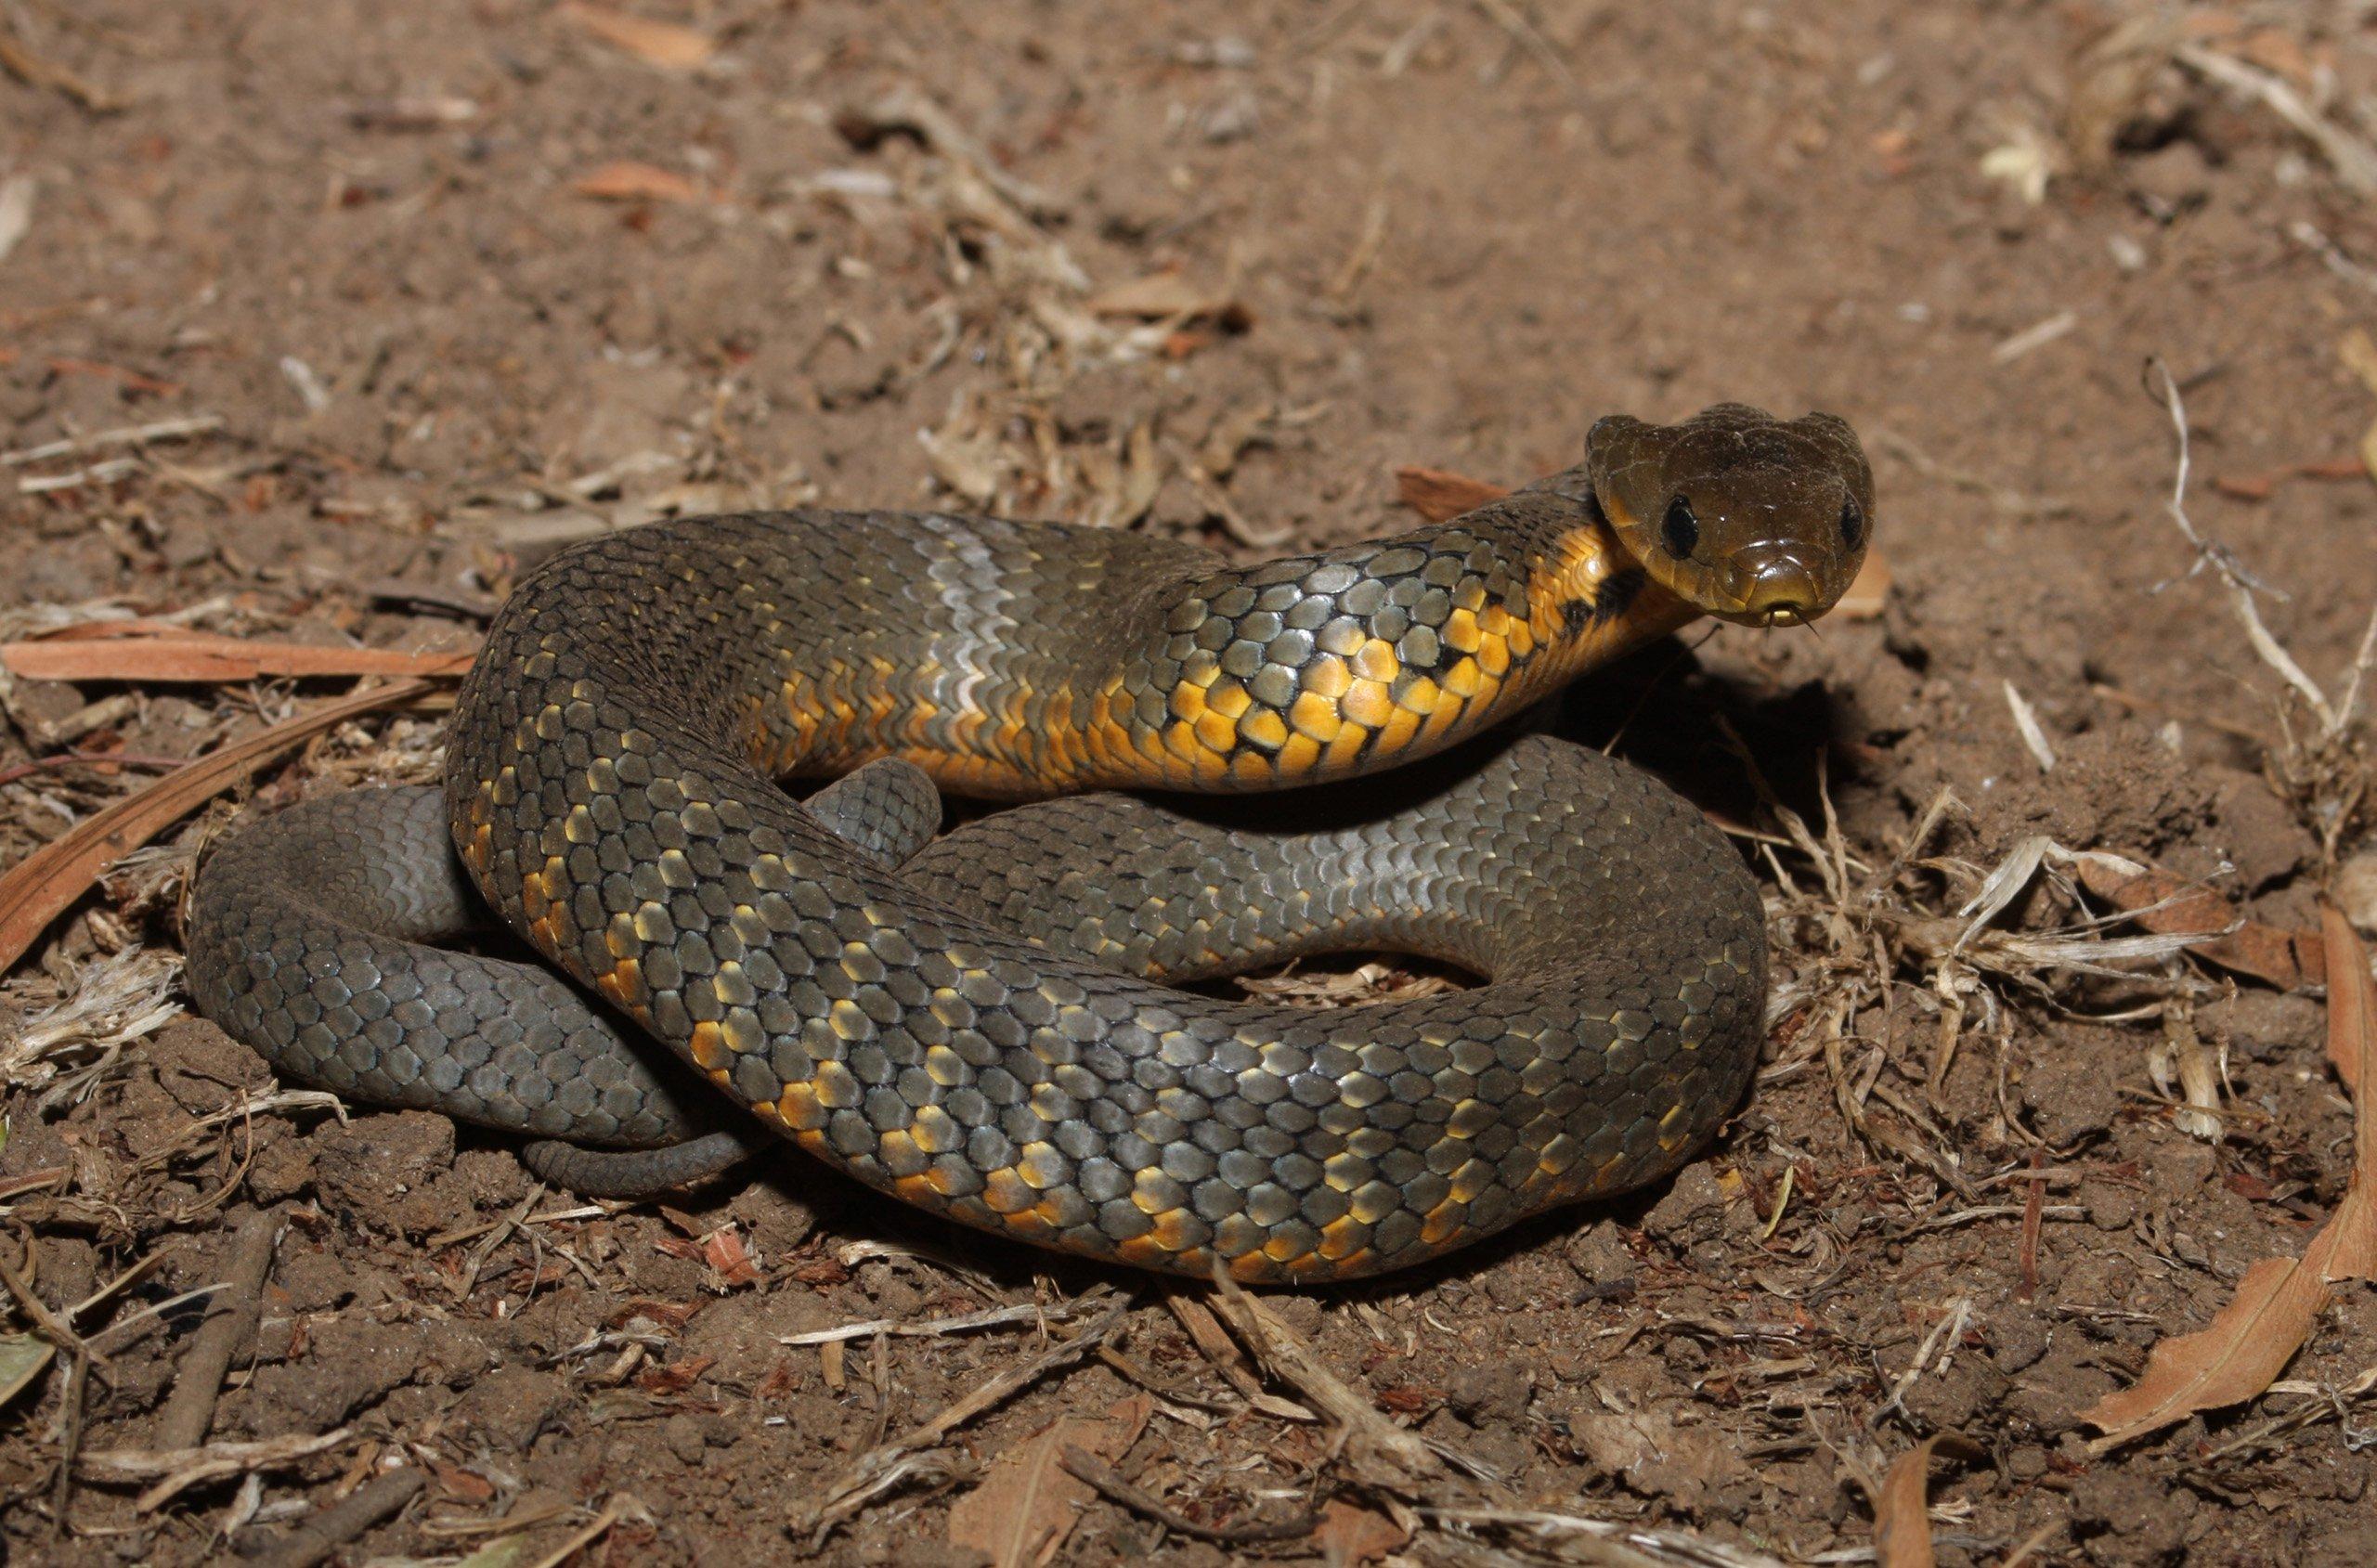 Snake #6